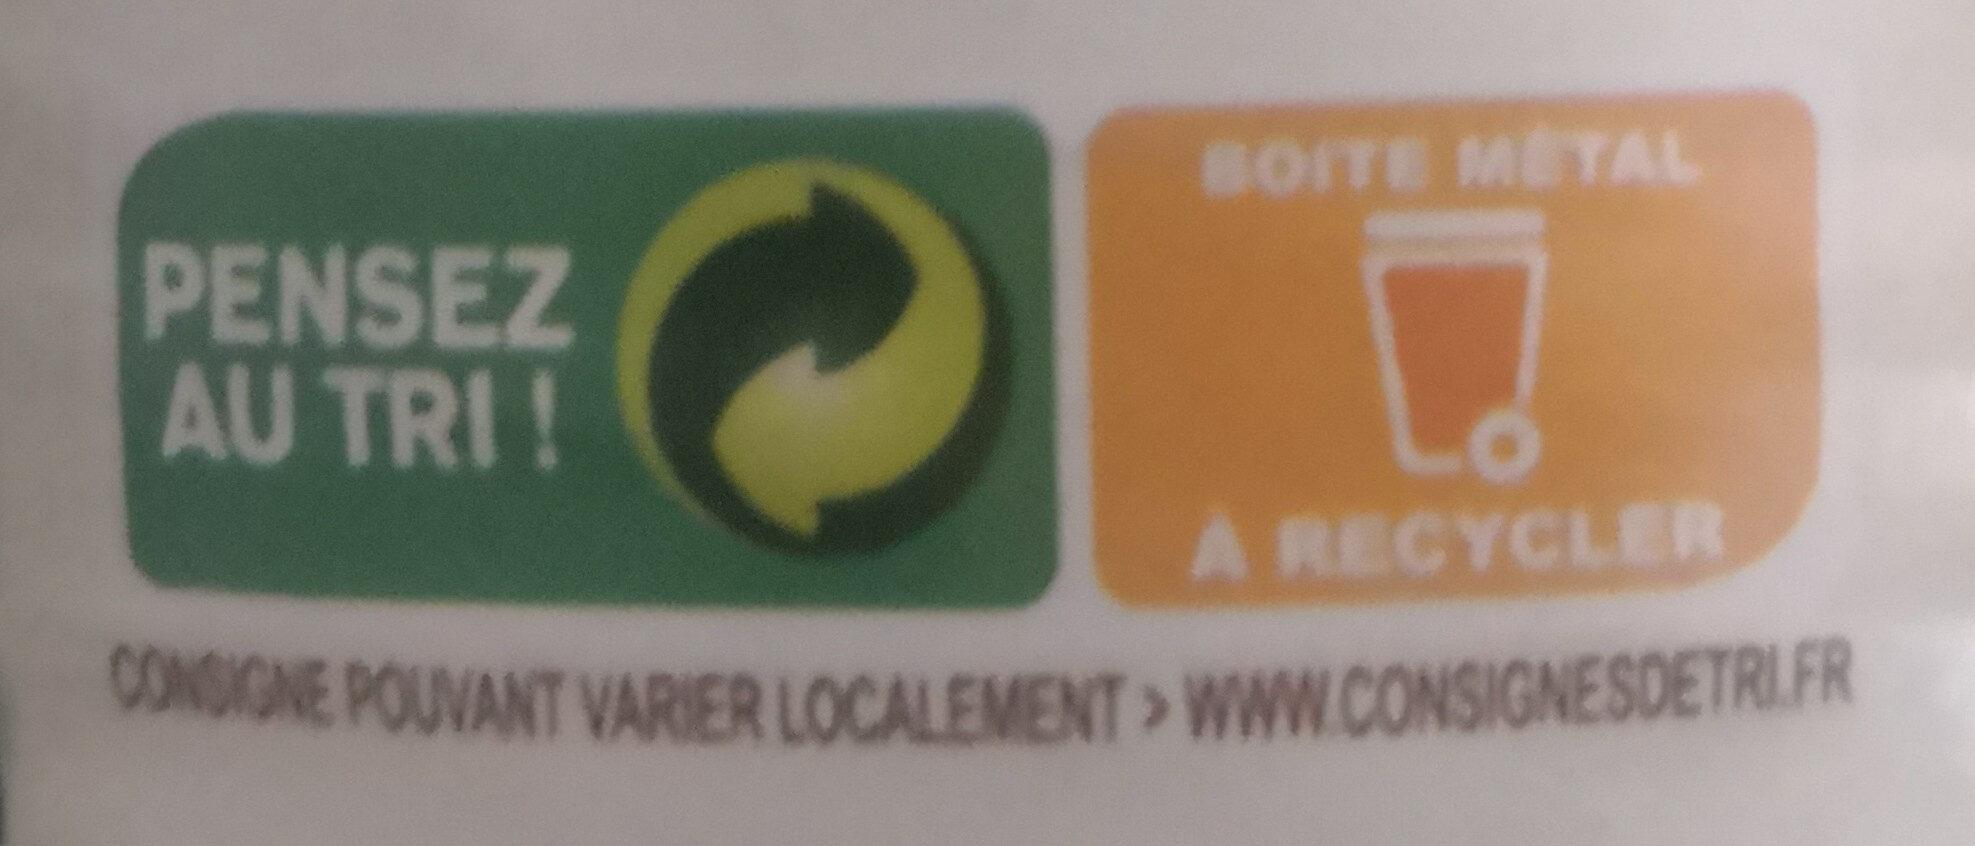 Petits pois carottes - Instruction de recyclage et/ou informations d'emballage - fr